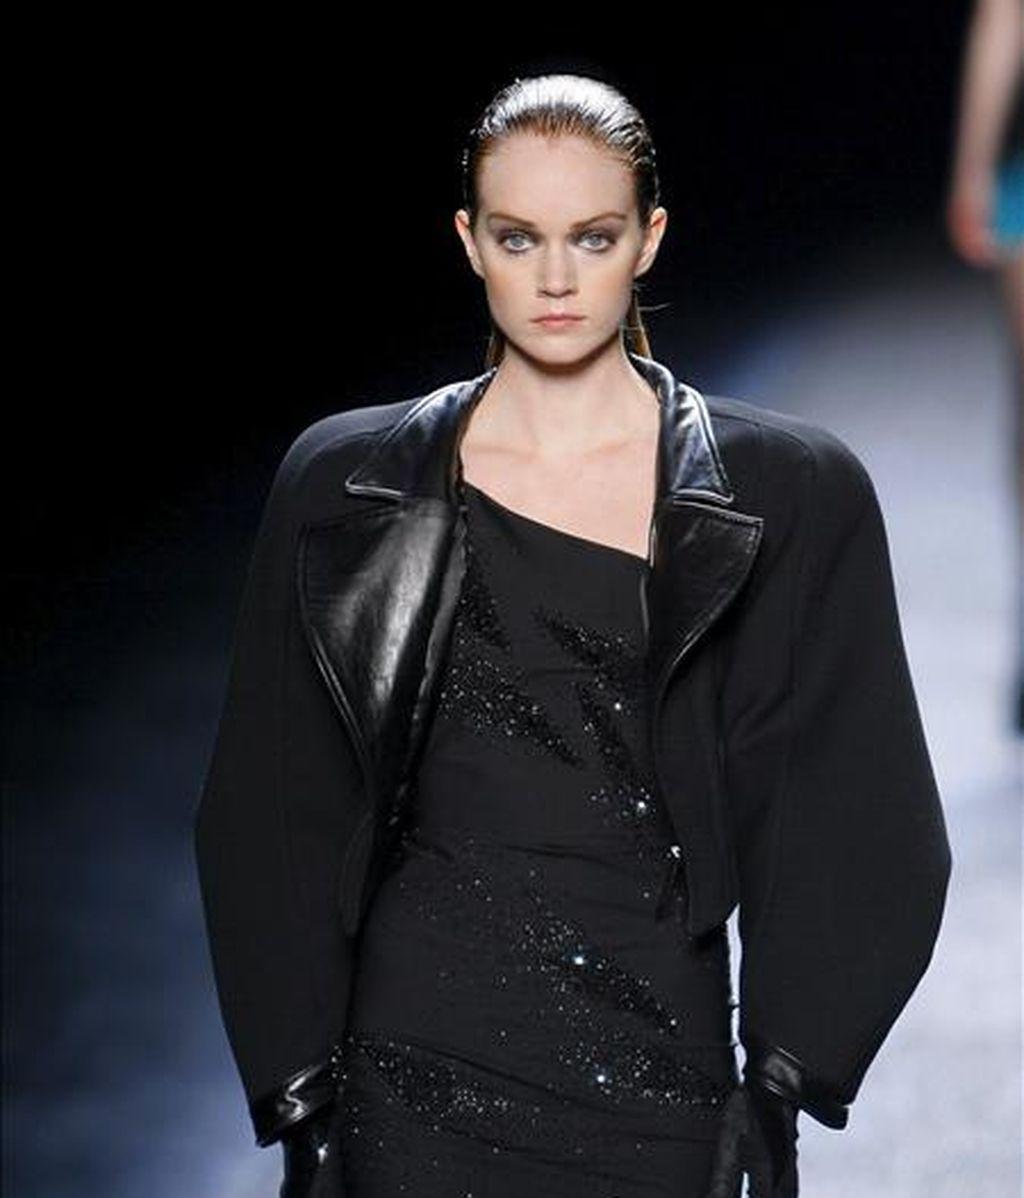 Una modelo luce una creación de la diseñadora Nina Ricci el pasado 5 de marzo, durante el desfile de ropa casual de la Semana de la Moda de París (Francia). EFE/Archivo